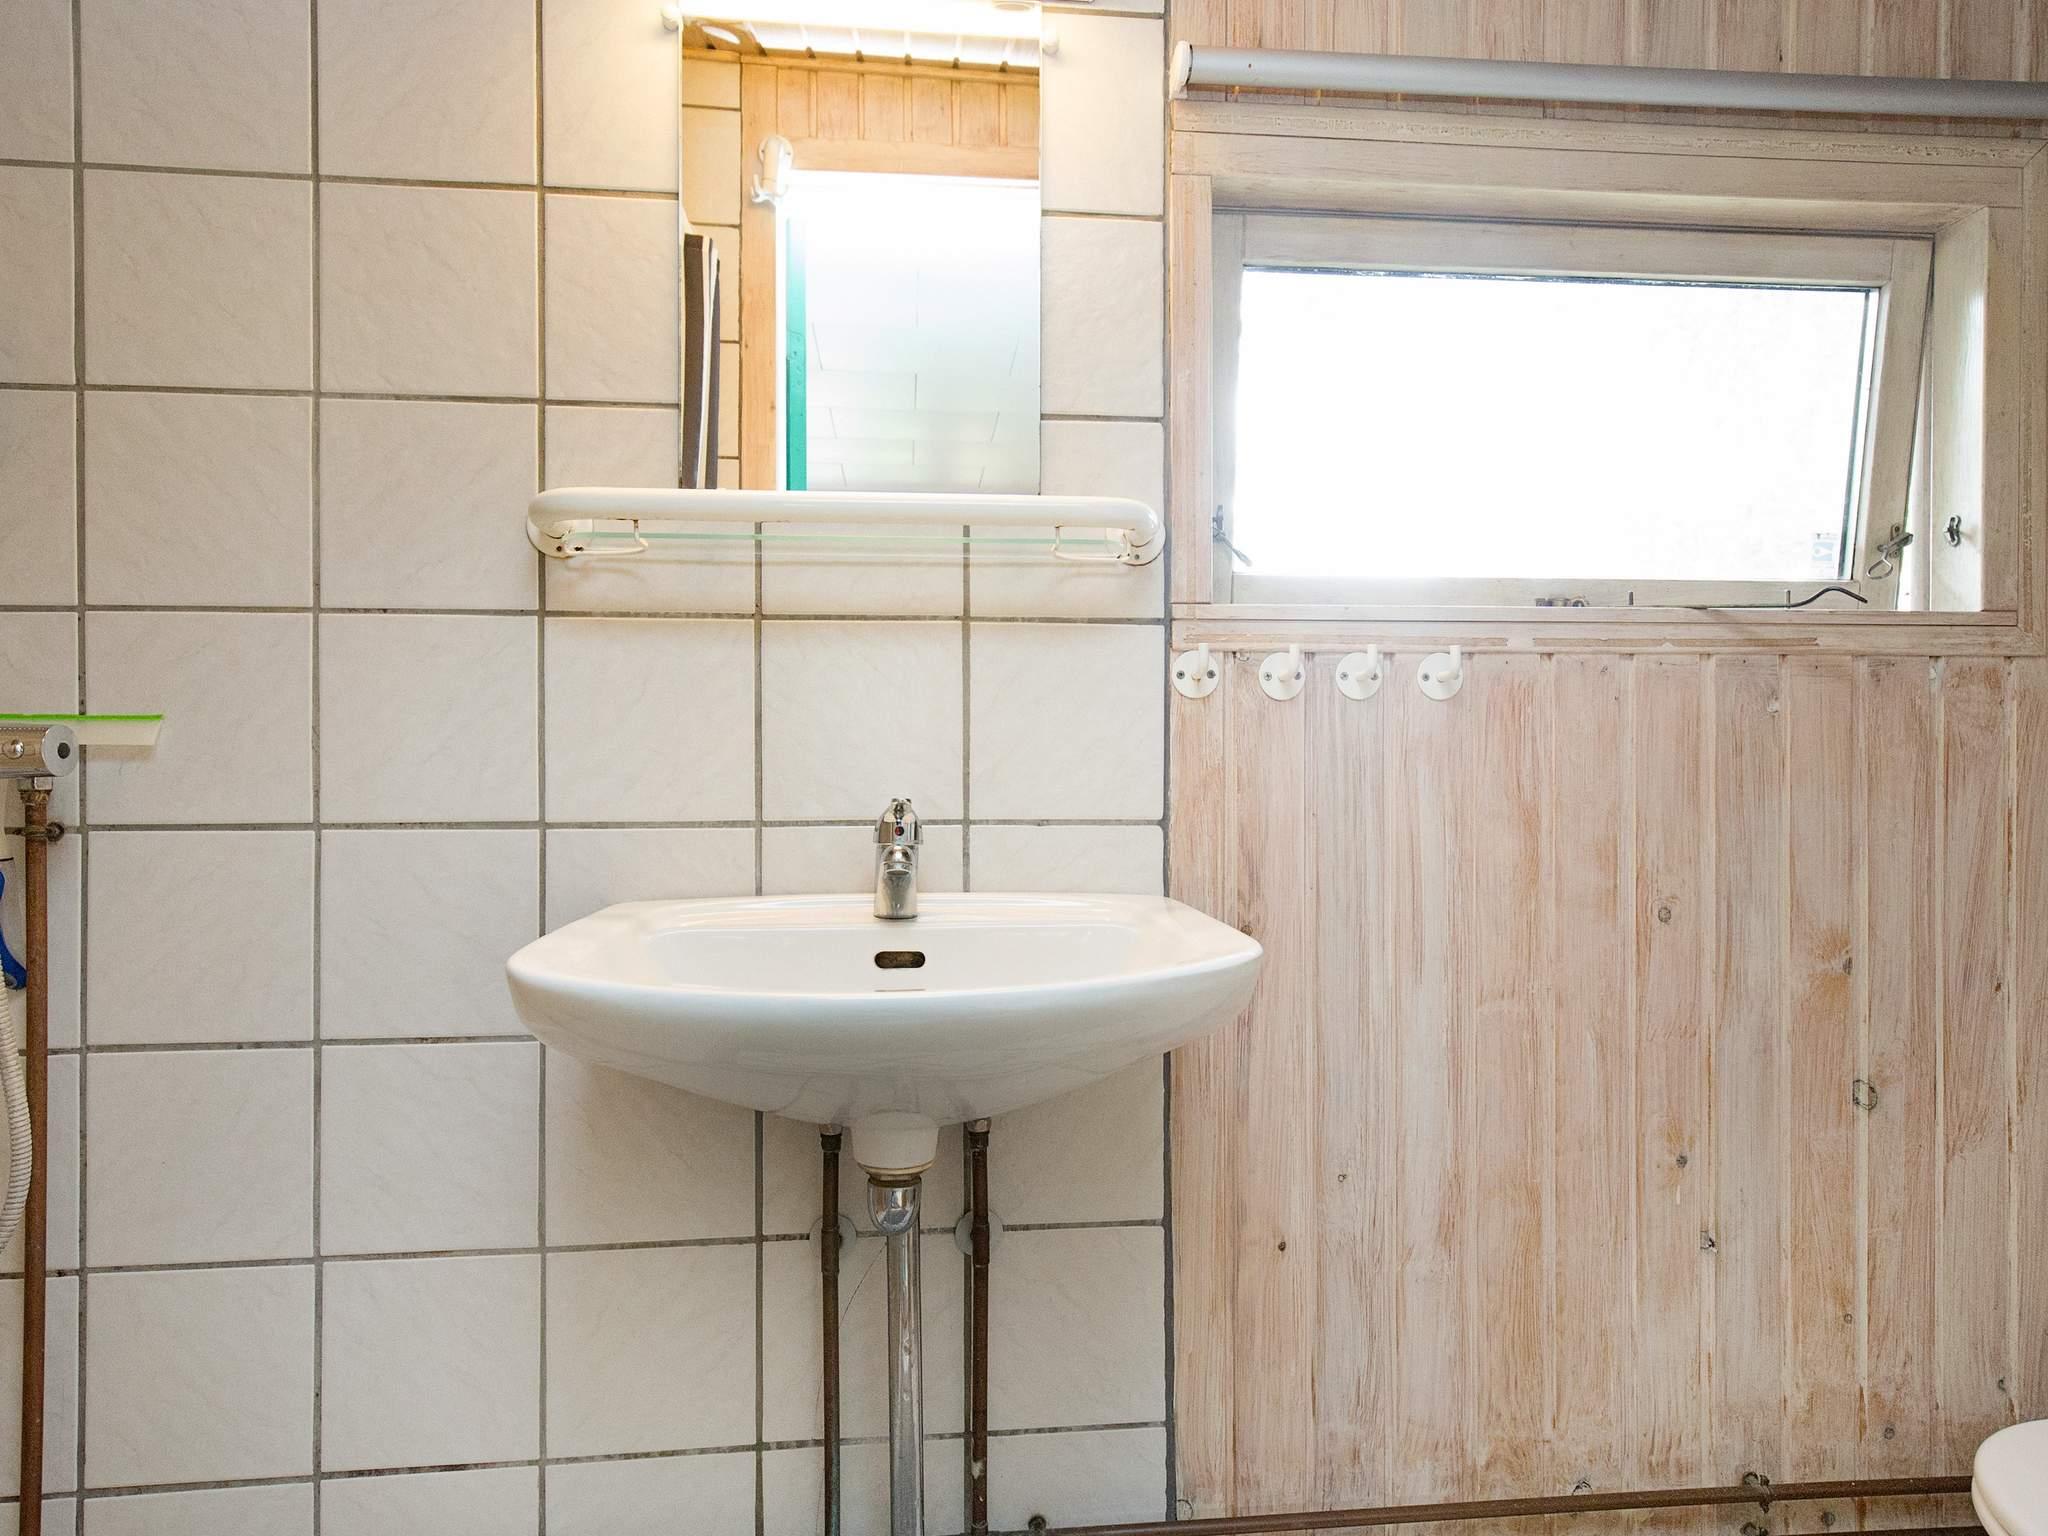 Ferienhaus Enø (85461), Karrebæksminde, , Südseeland, Dänemark, Bild 5